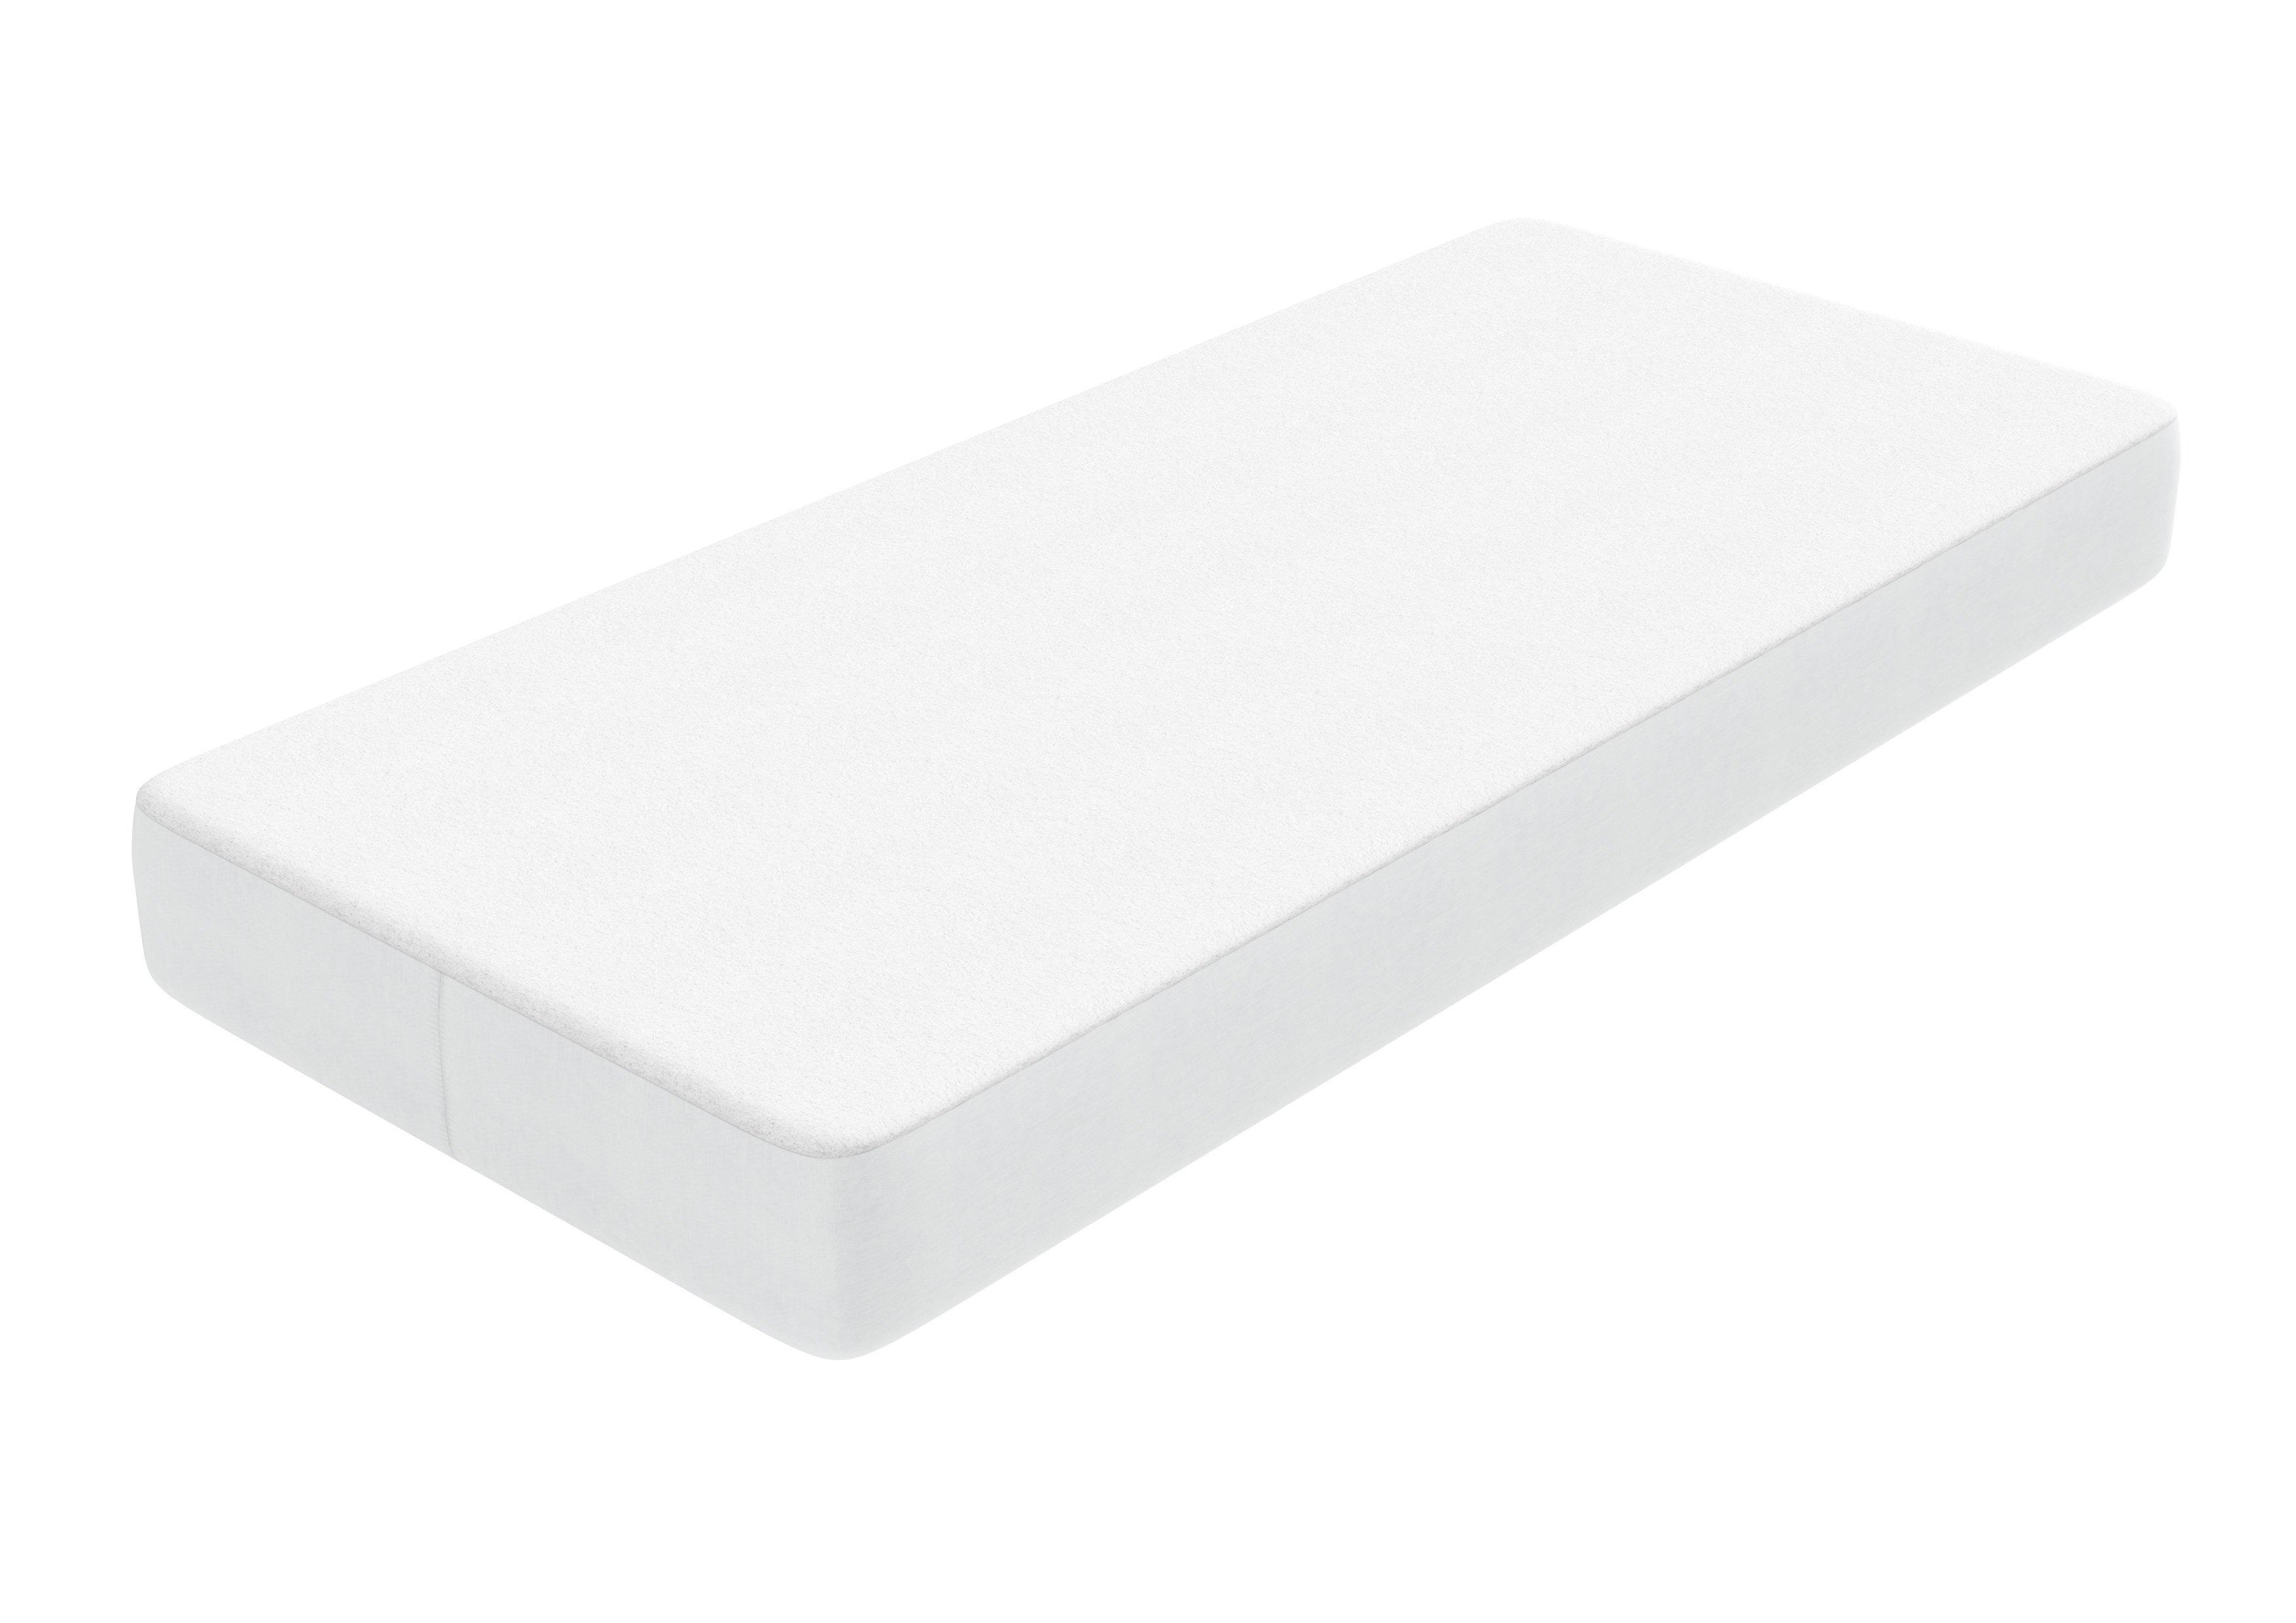 Защитный чехол Орматек Aqua Save Fiber S 800*2000